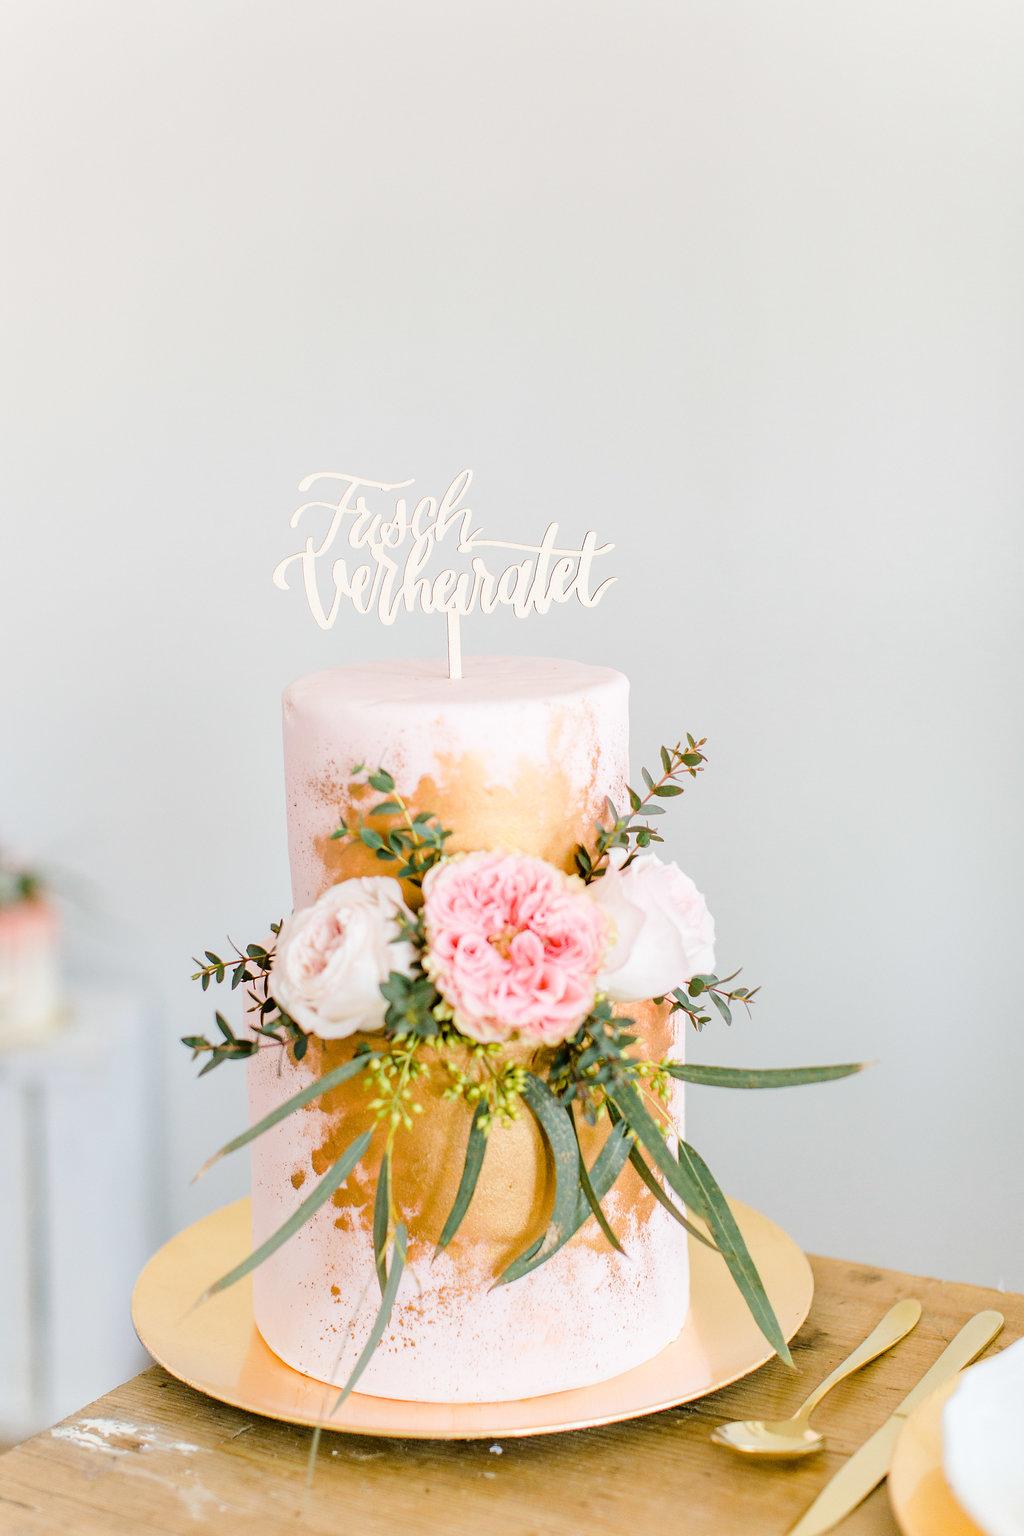 Cake Topper Just married deutsch, Cake Topper Hochzeit, Tortentopper Hochzeit